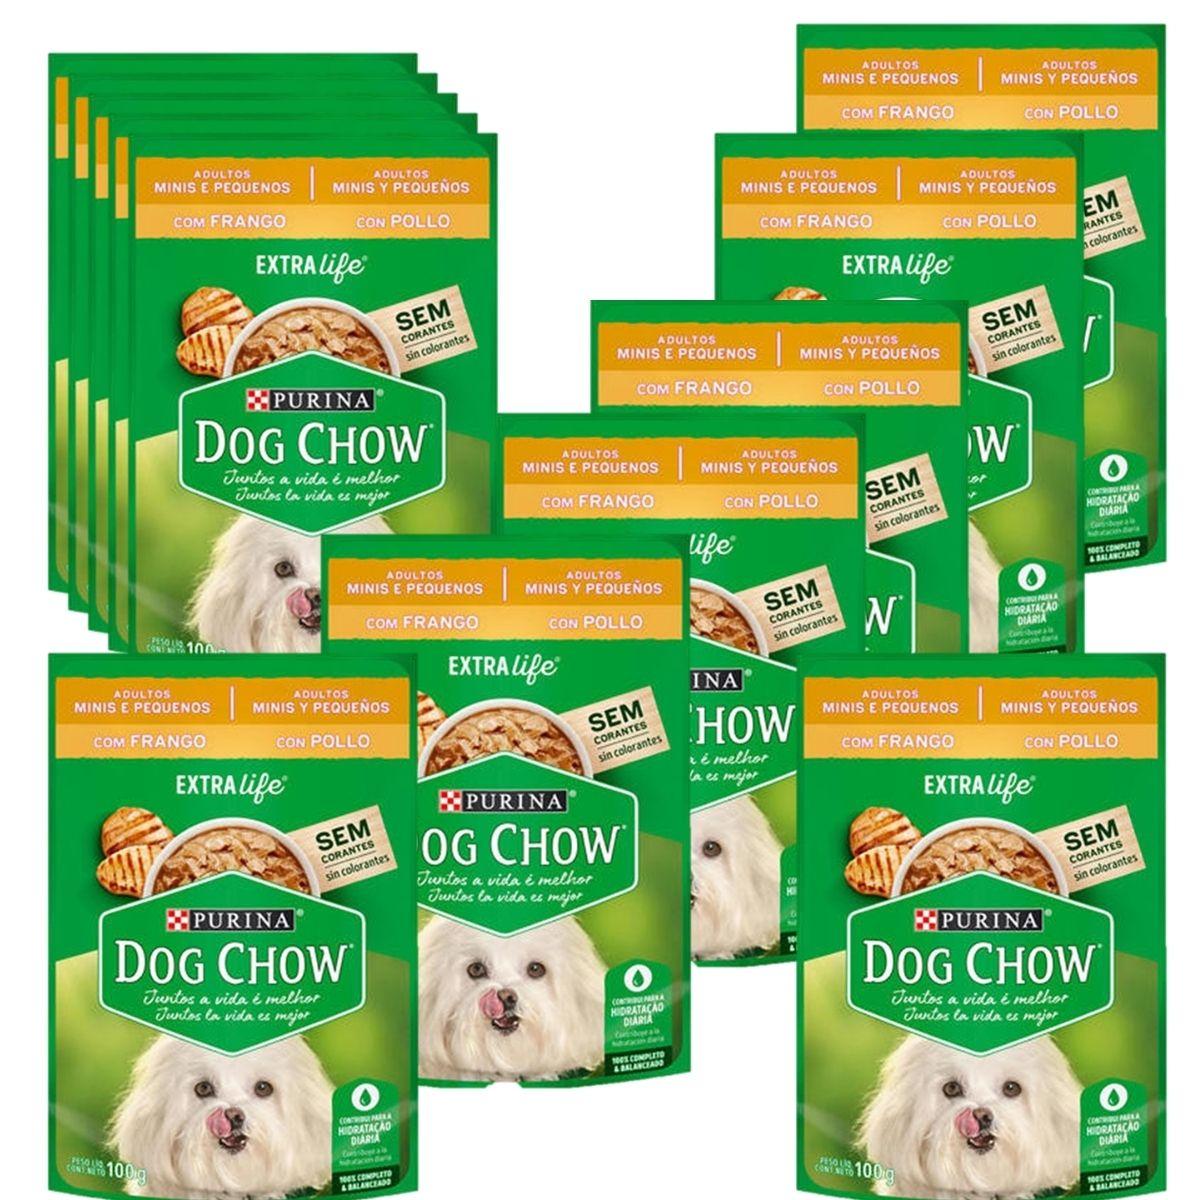 Sachê Dog Chow Cães adulto pequeno porte  sabor frango 12 unidades